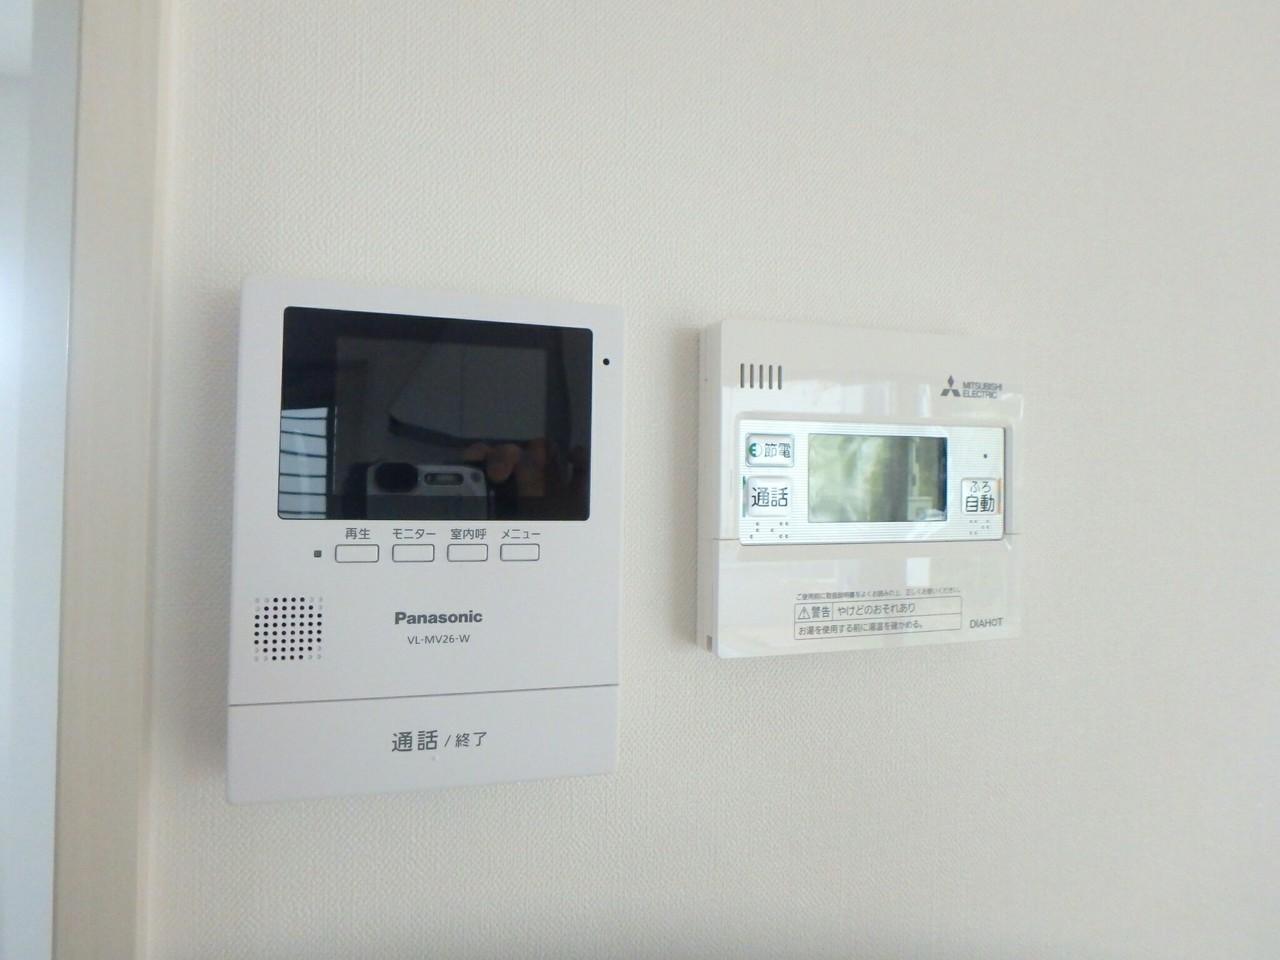 キッチン横にはモニター付きインターフォンがついています。 防犯にも配慮されていますね!